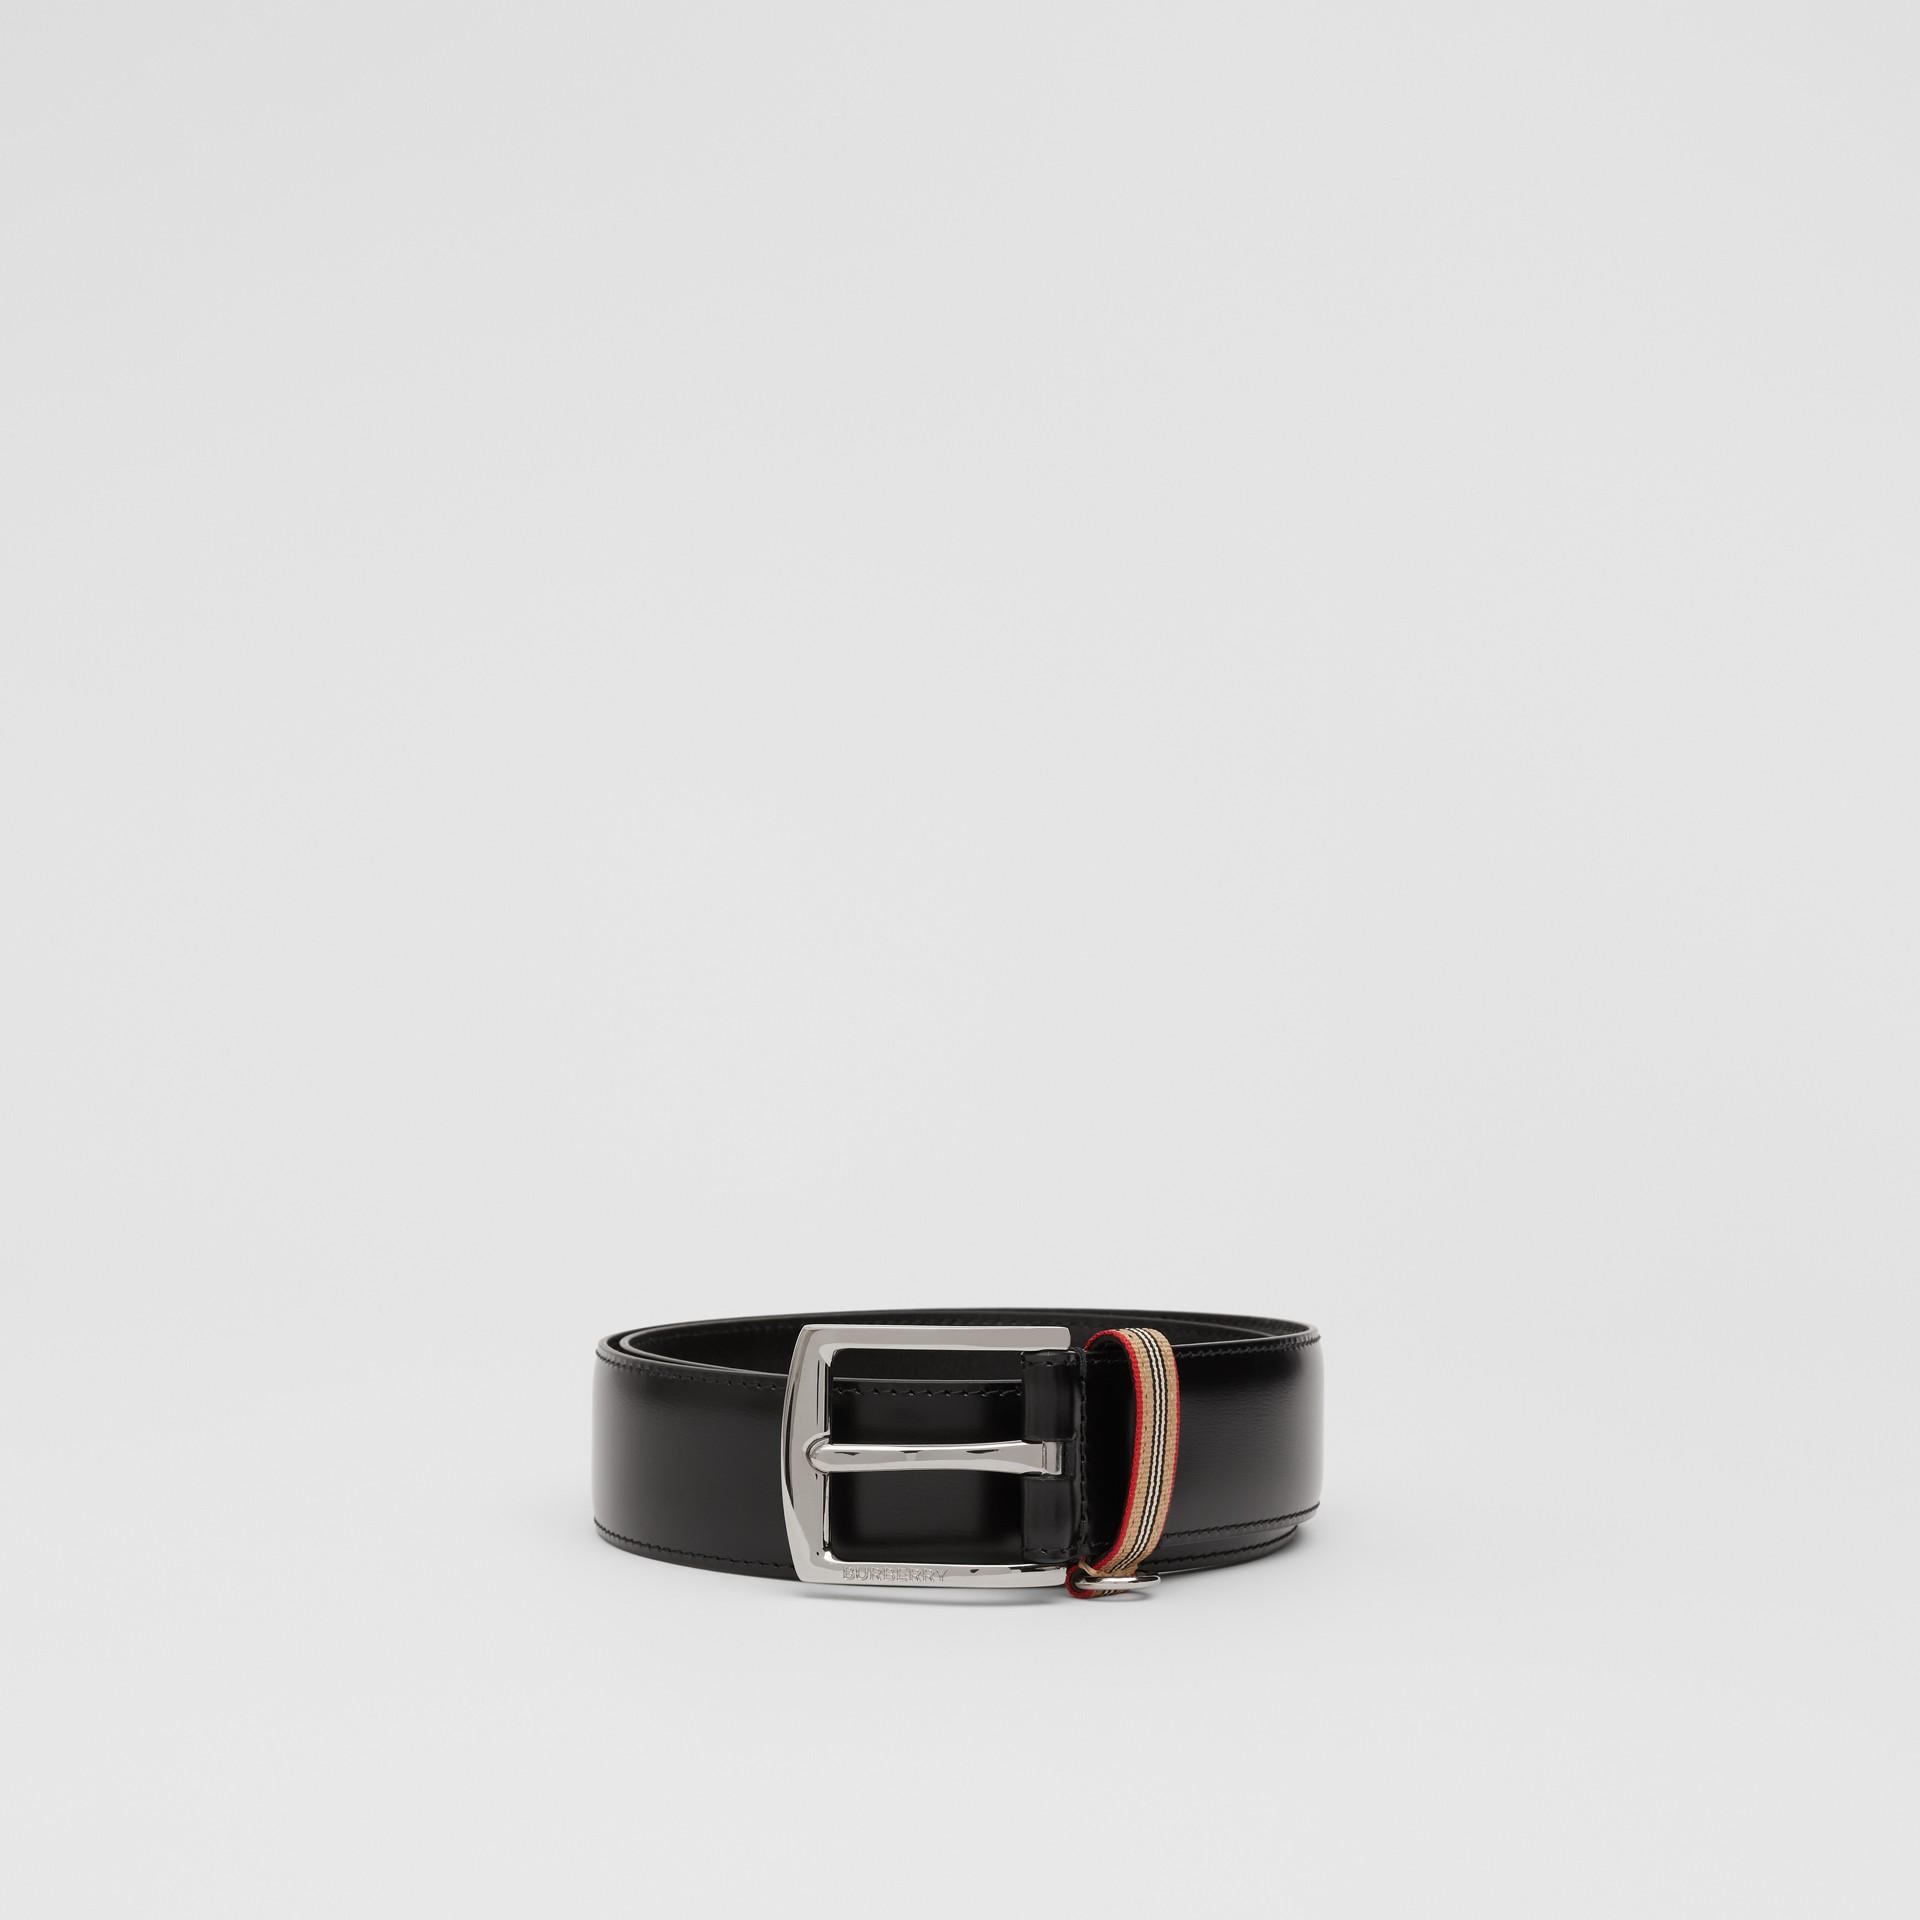 Cintura in pelle con dettaglio nell'iconico motivo a righe (Nero) | Burberry - immagine della galleria 3